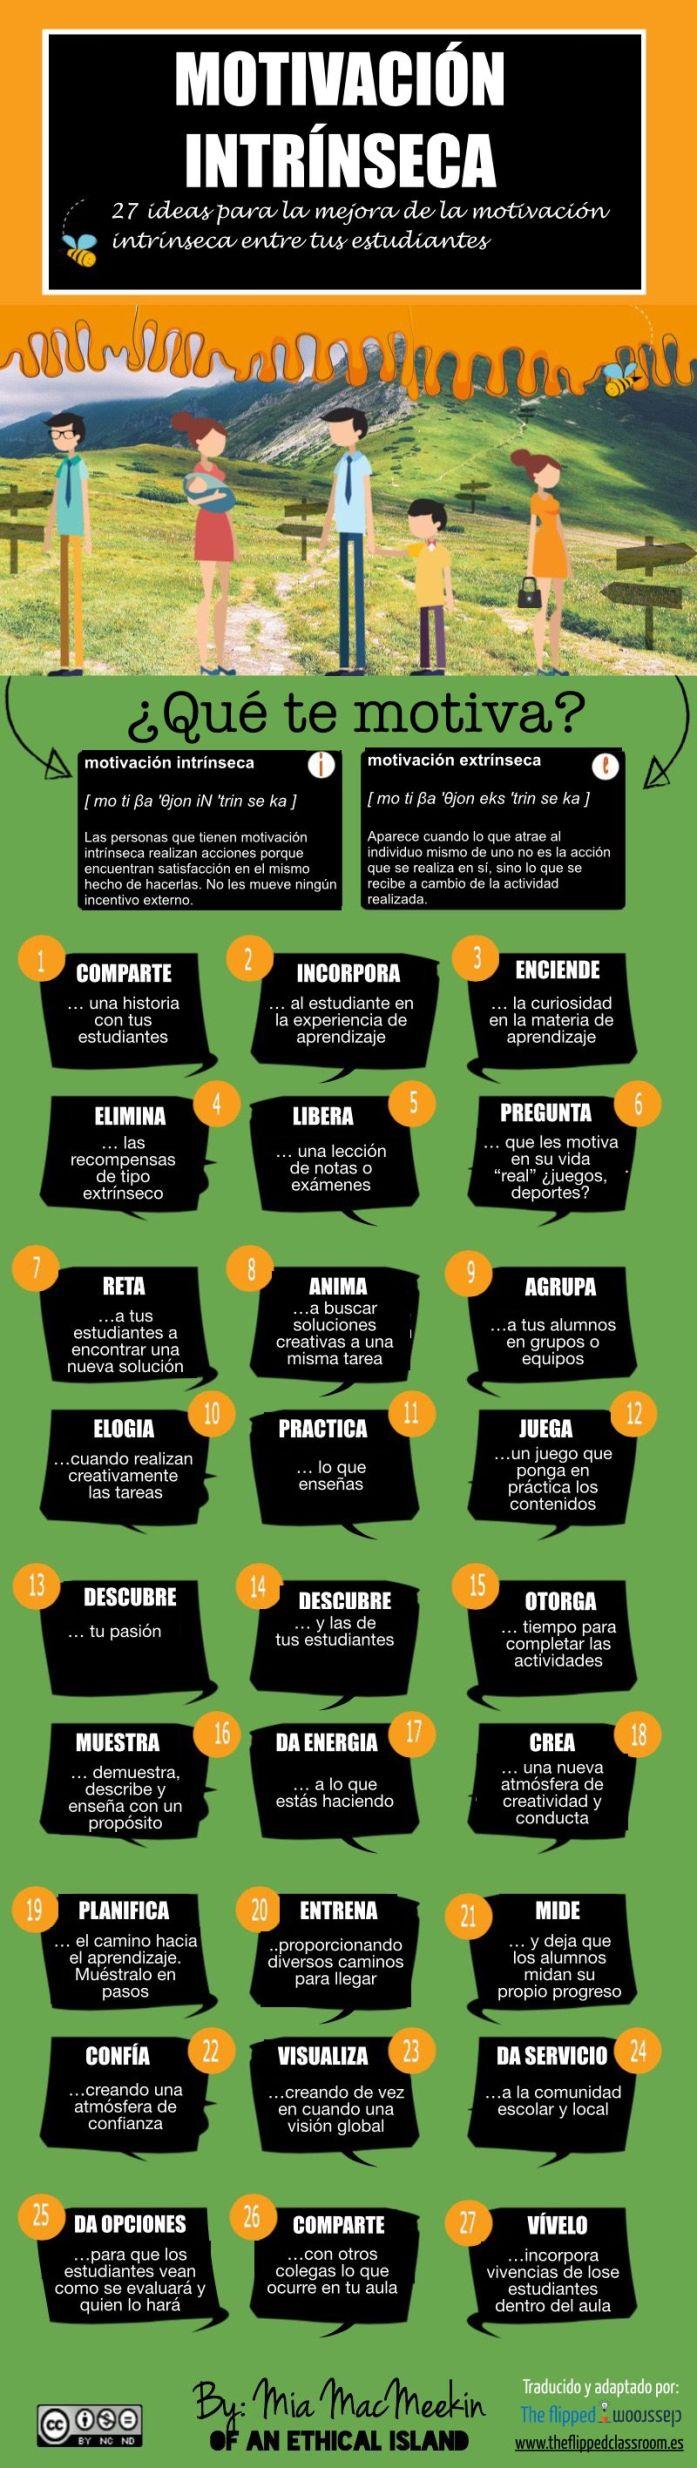 MotivaciónIntrínsecaAula27TipsMejorarla-Infografía-BlogGesvin